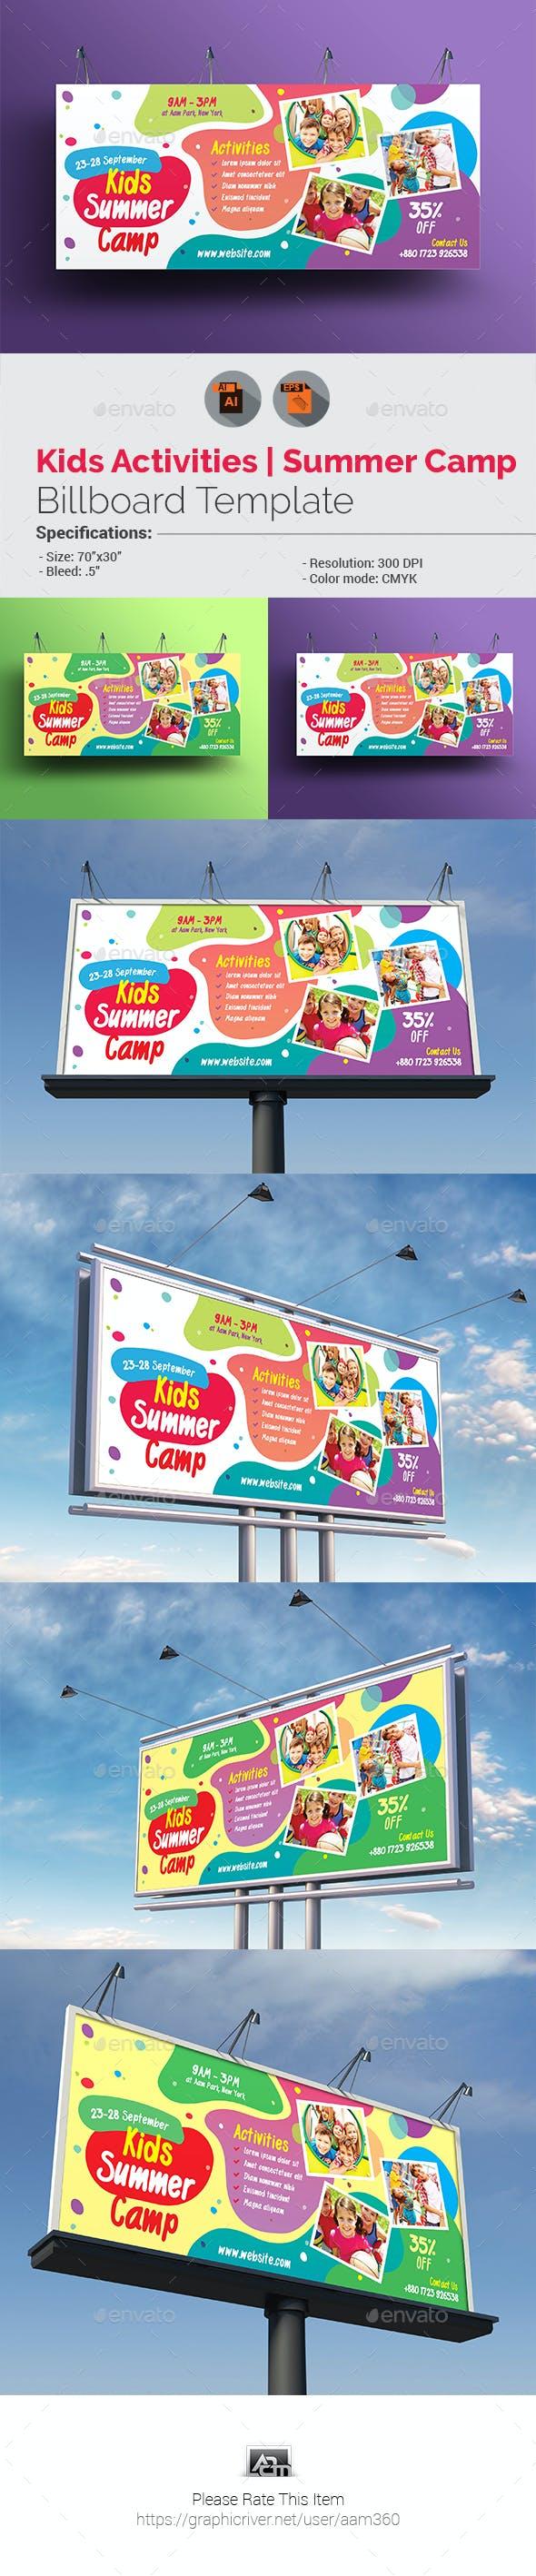 Kids Activities | Kids Summer Camp Billboard